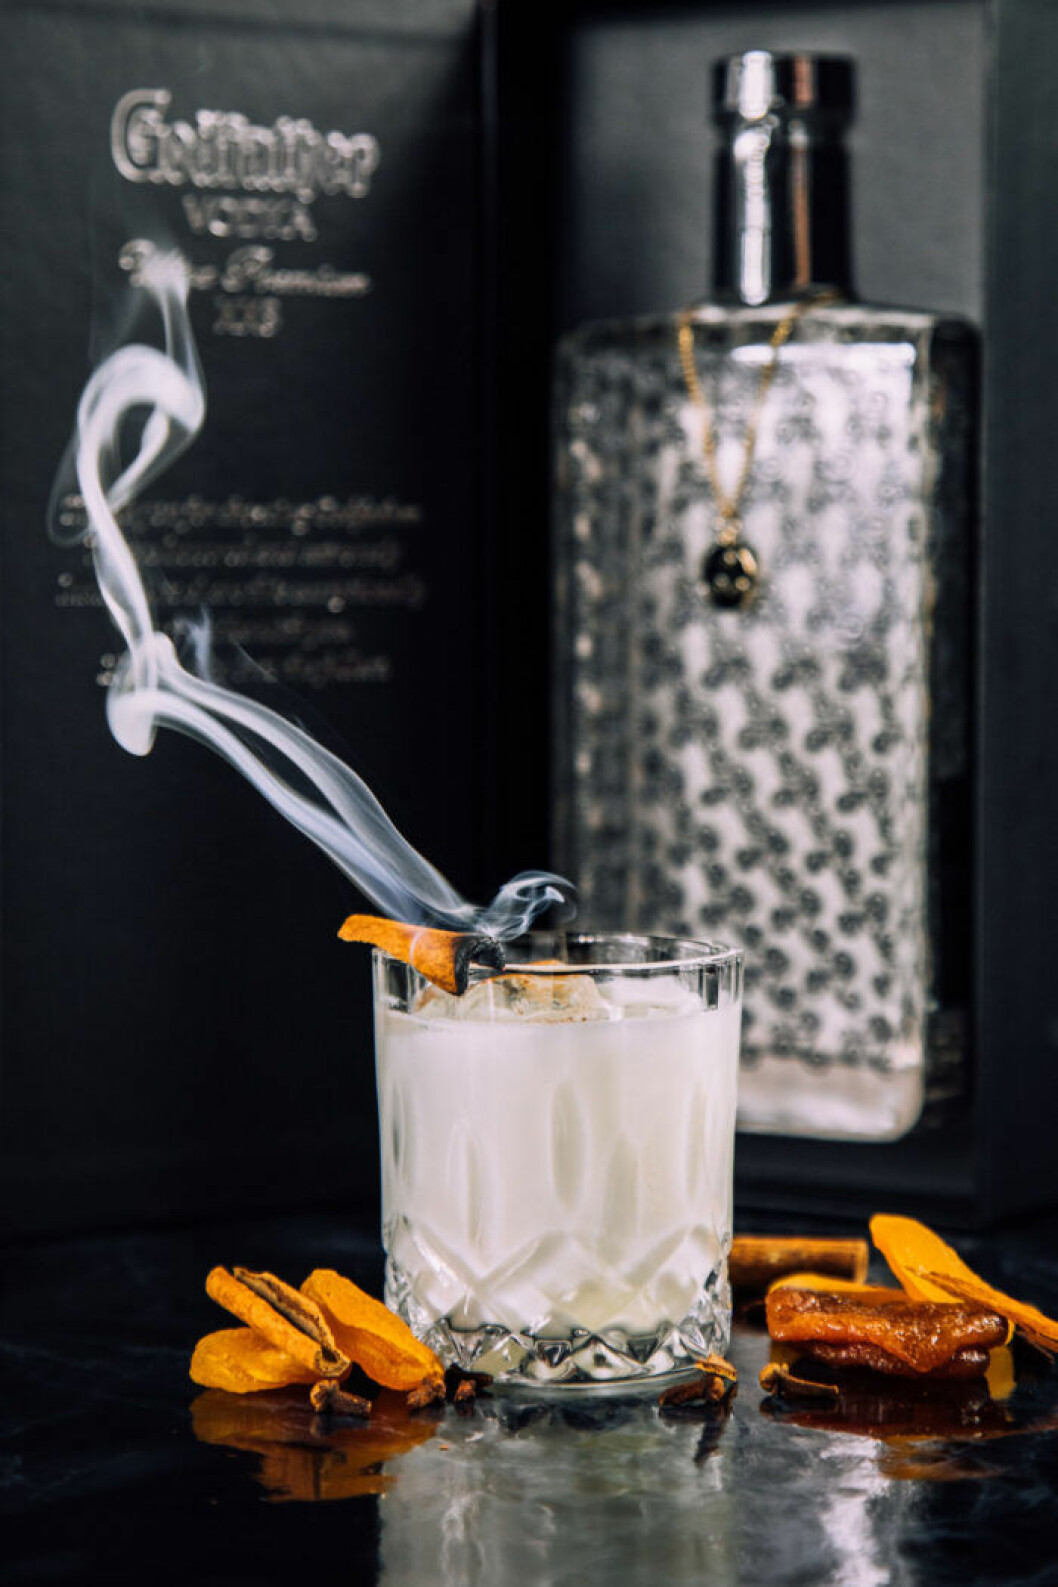 Vodkadrink med spännande smak av aprikos och kanel.